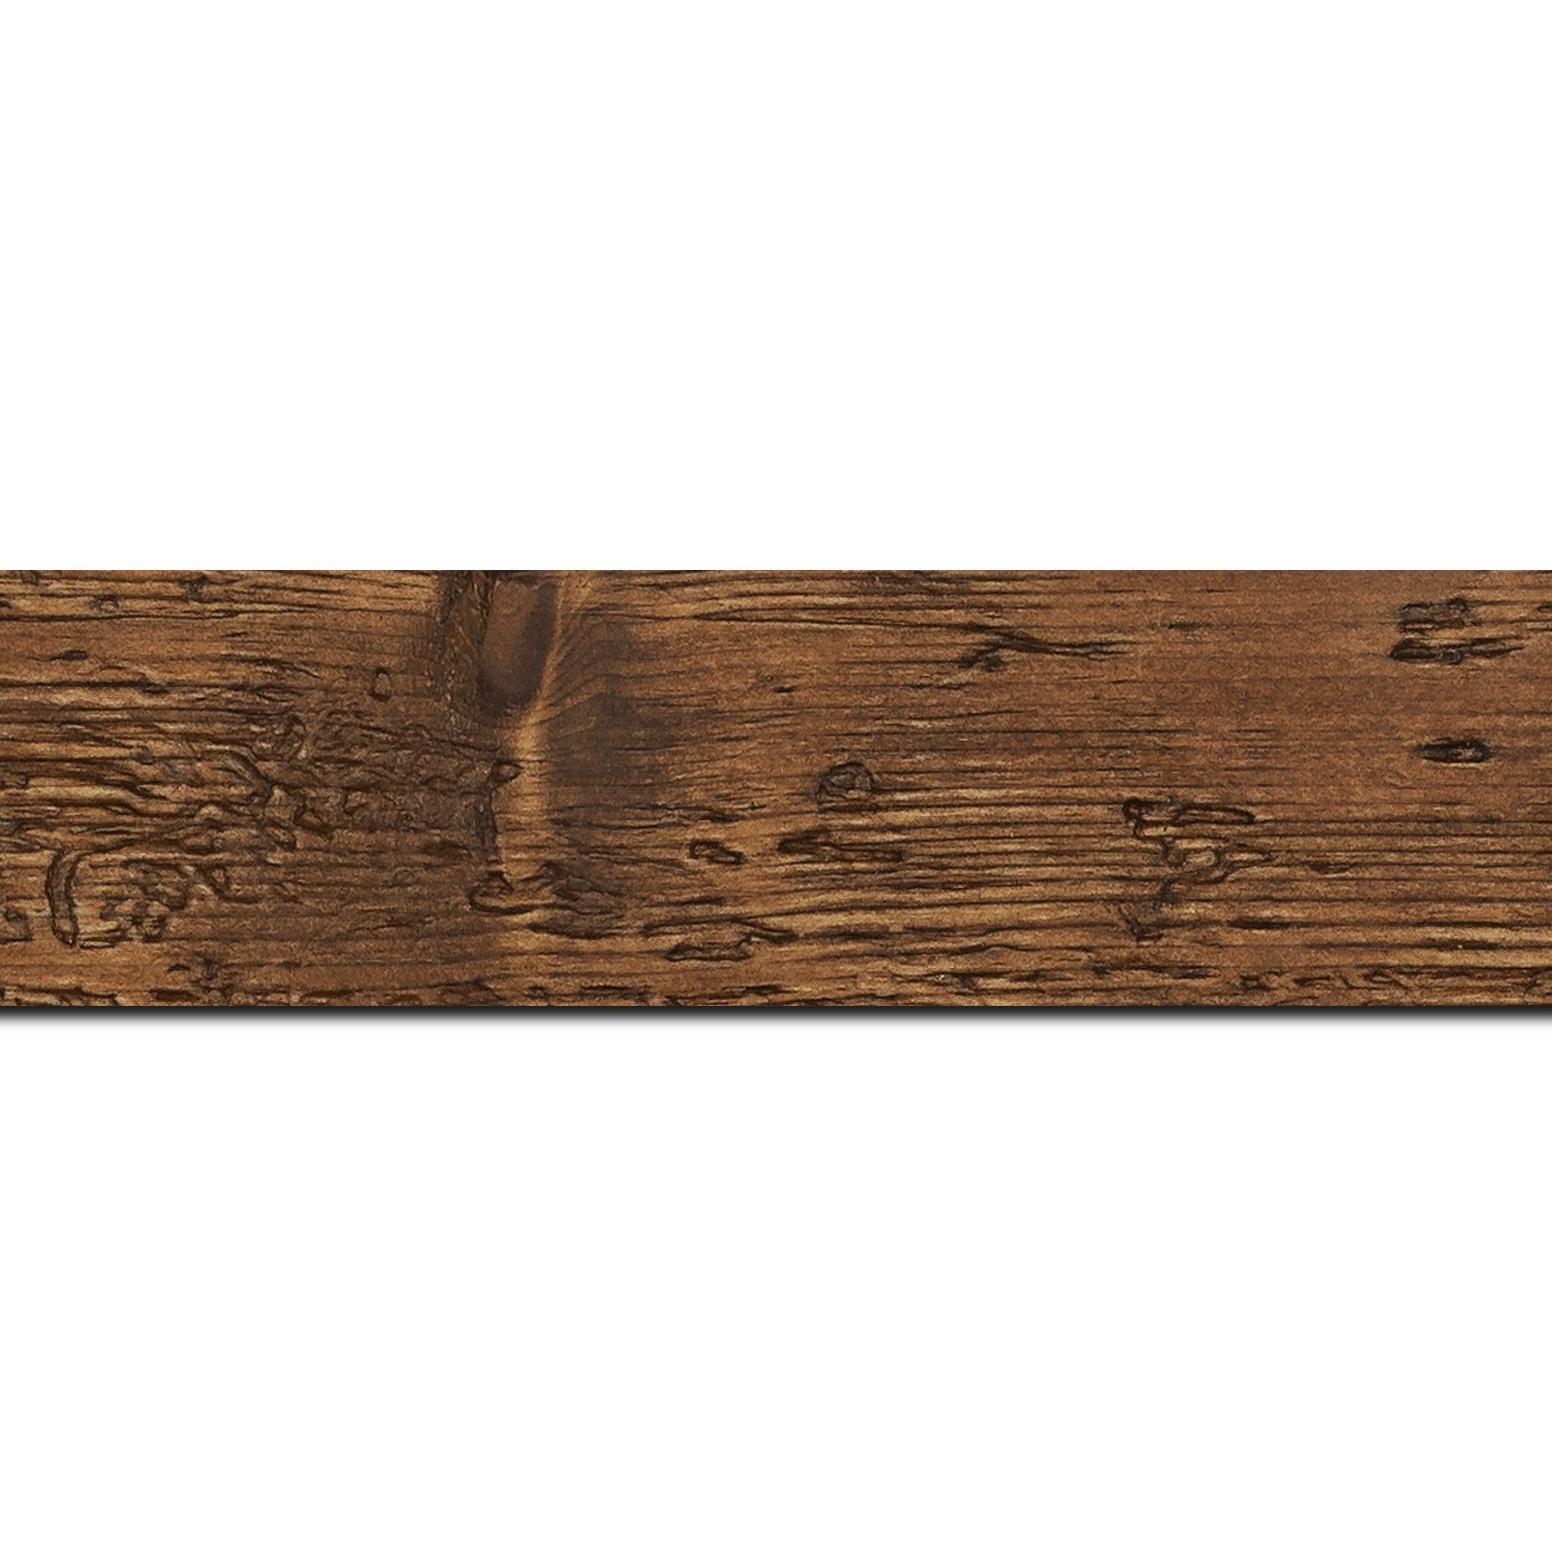 Baguette longueur 1.40m bois profil plat largeur 4.3cm couleur marron foncé finition aspect vieilli antique